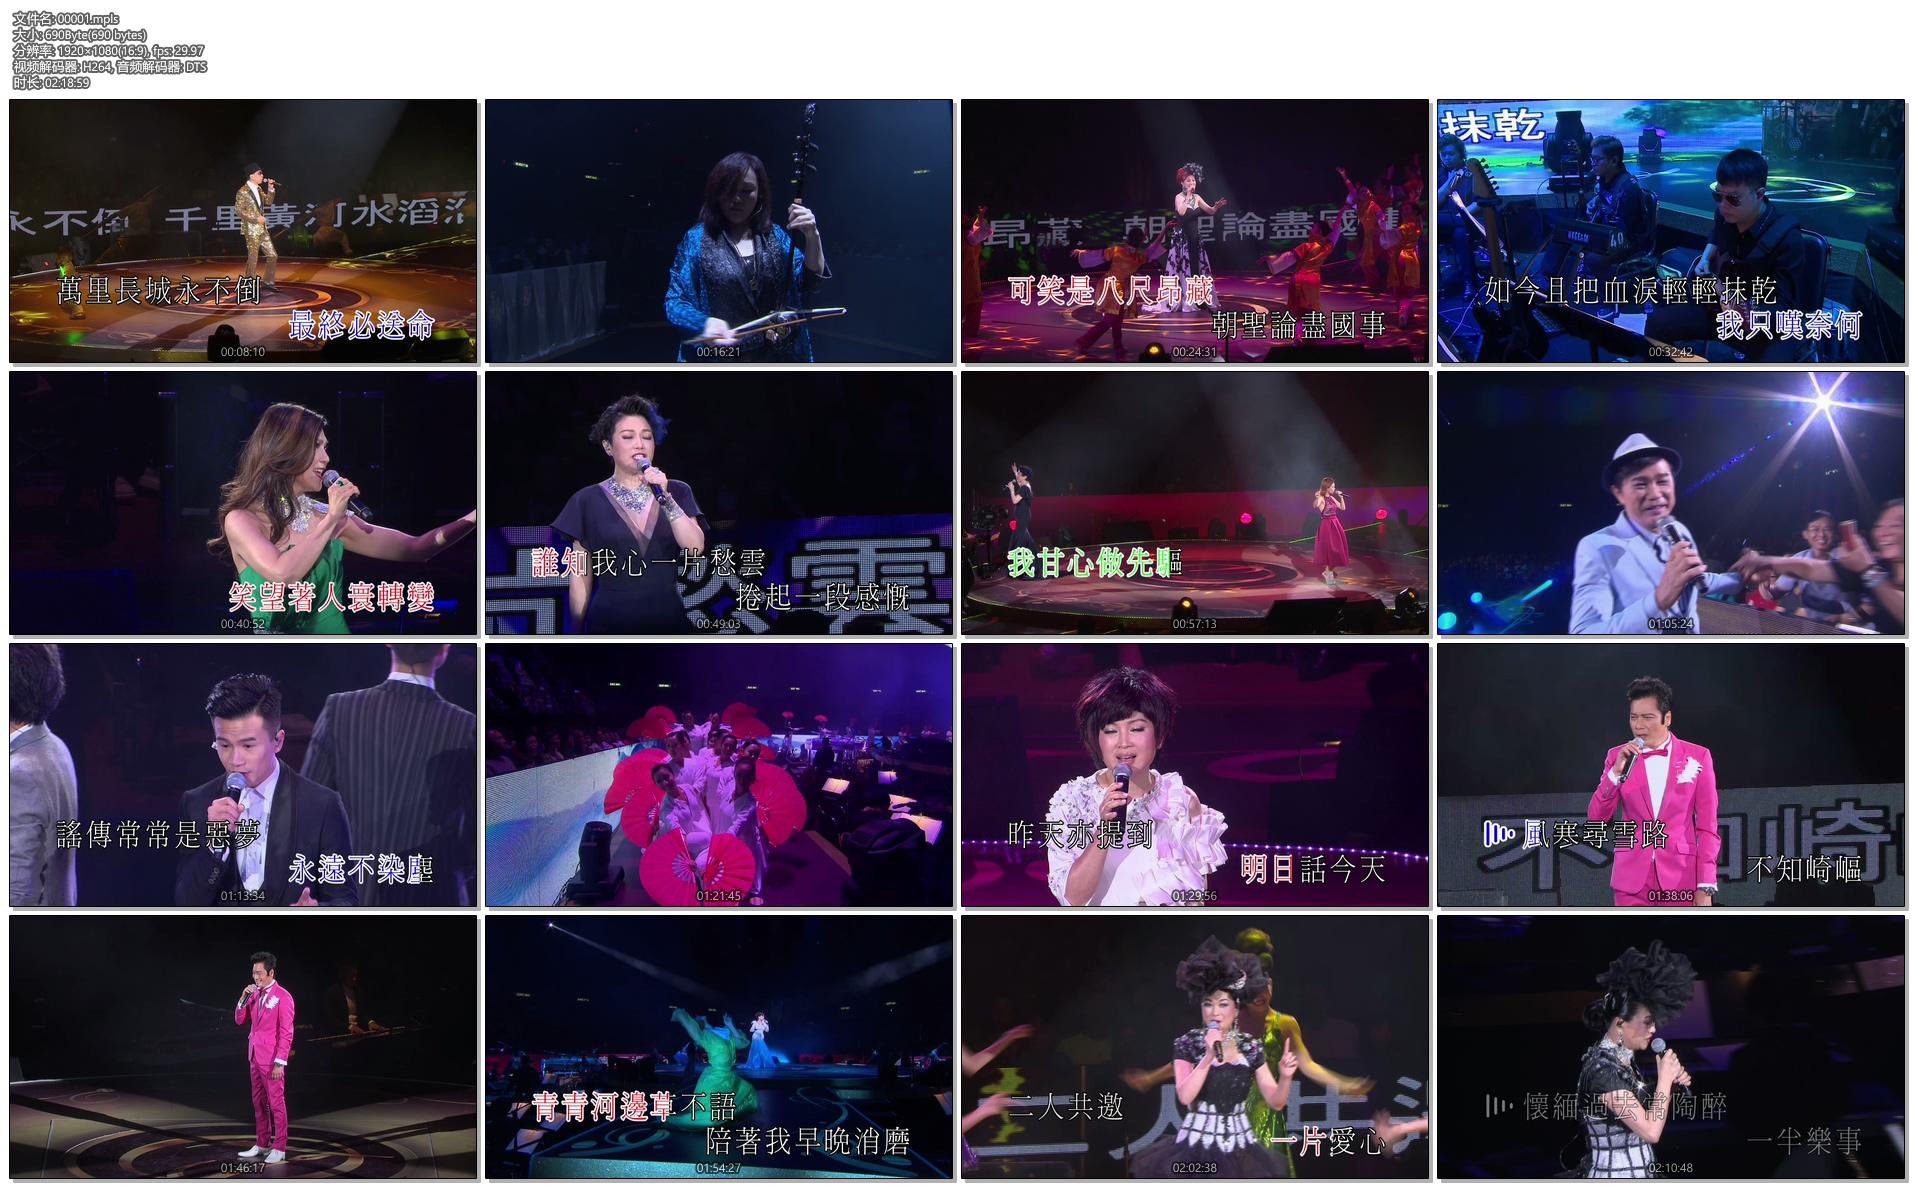 [蓝光原盘] 歌词大师卢国沾作品演唱会2016Jimmy Lo Concert 2016《ISO 双碟 91G》插图(2)